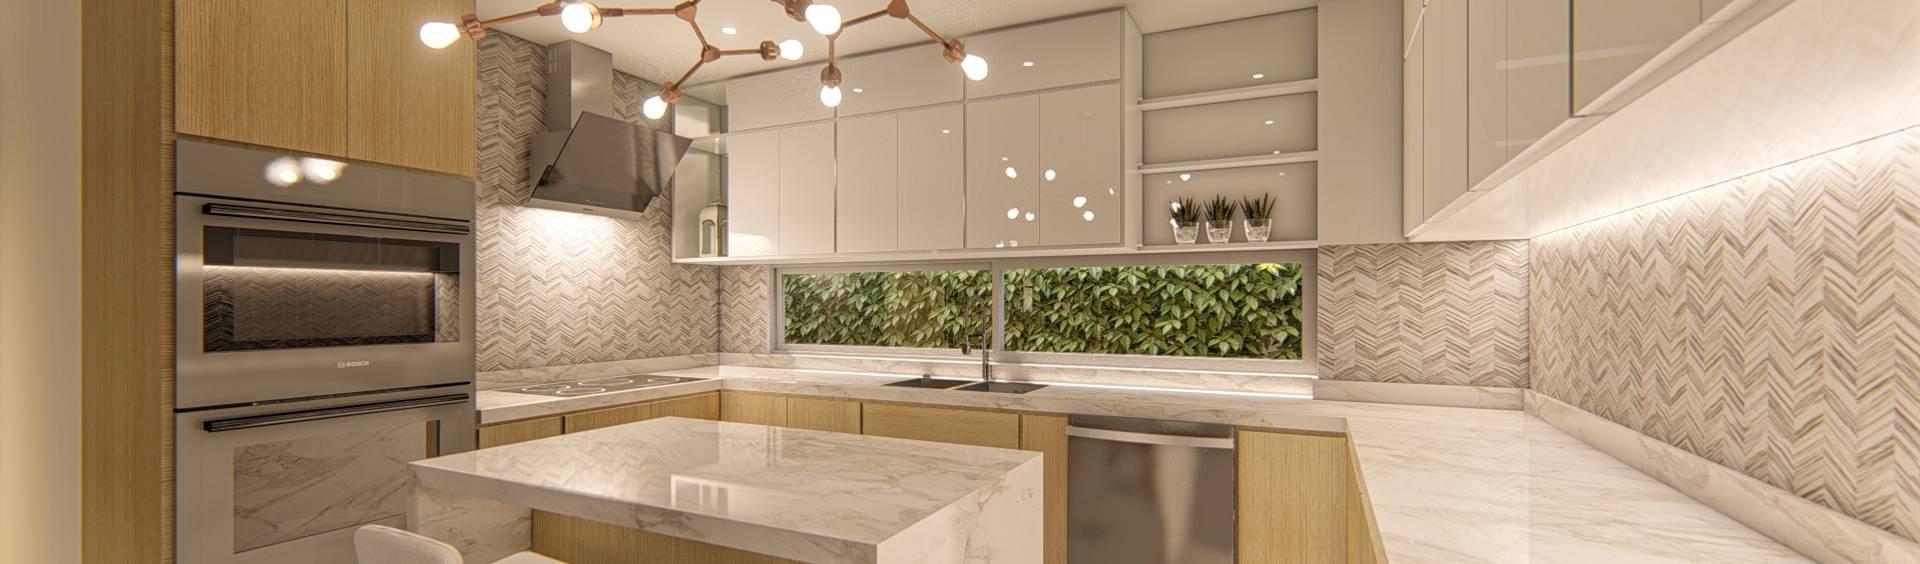 DIKTURE Arquitectura + Diseño Interior